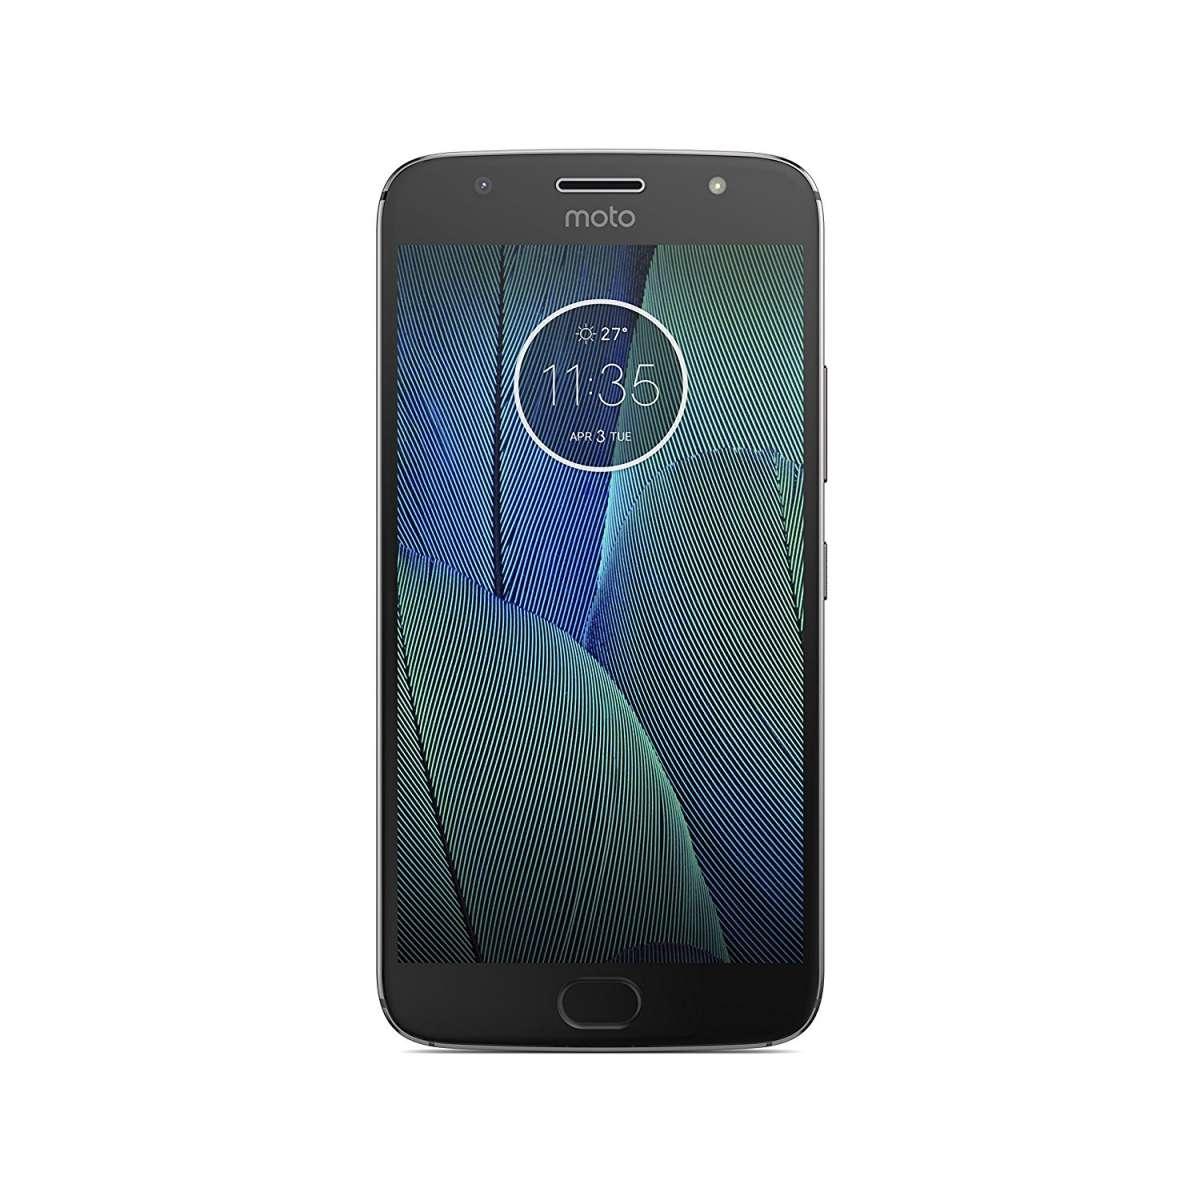 miglior smartphone 300 euro